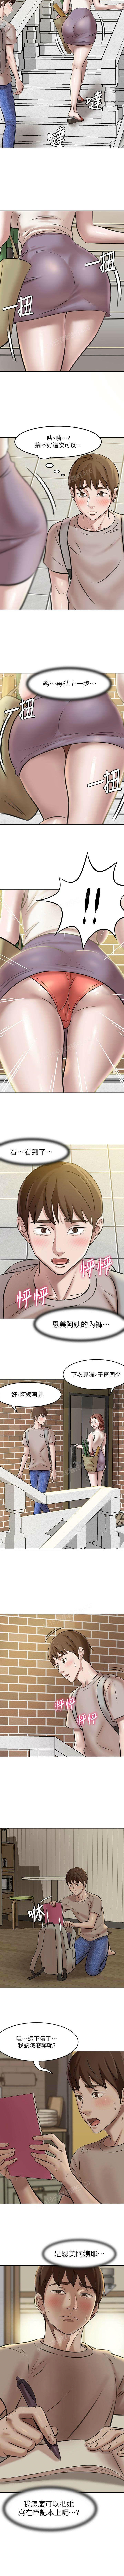 panty note 小褲褲筆記 小裤裤笔记 01-35 连载中 中文 重新排序 Reorder 22